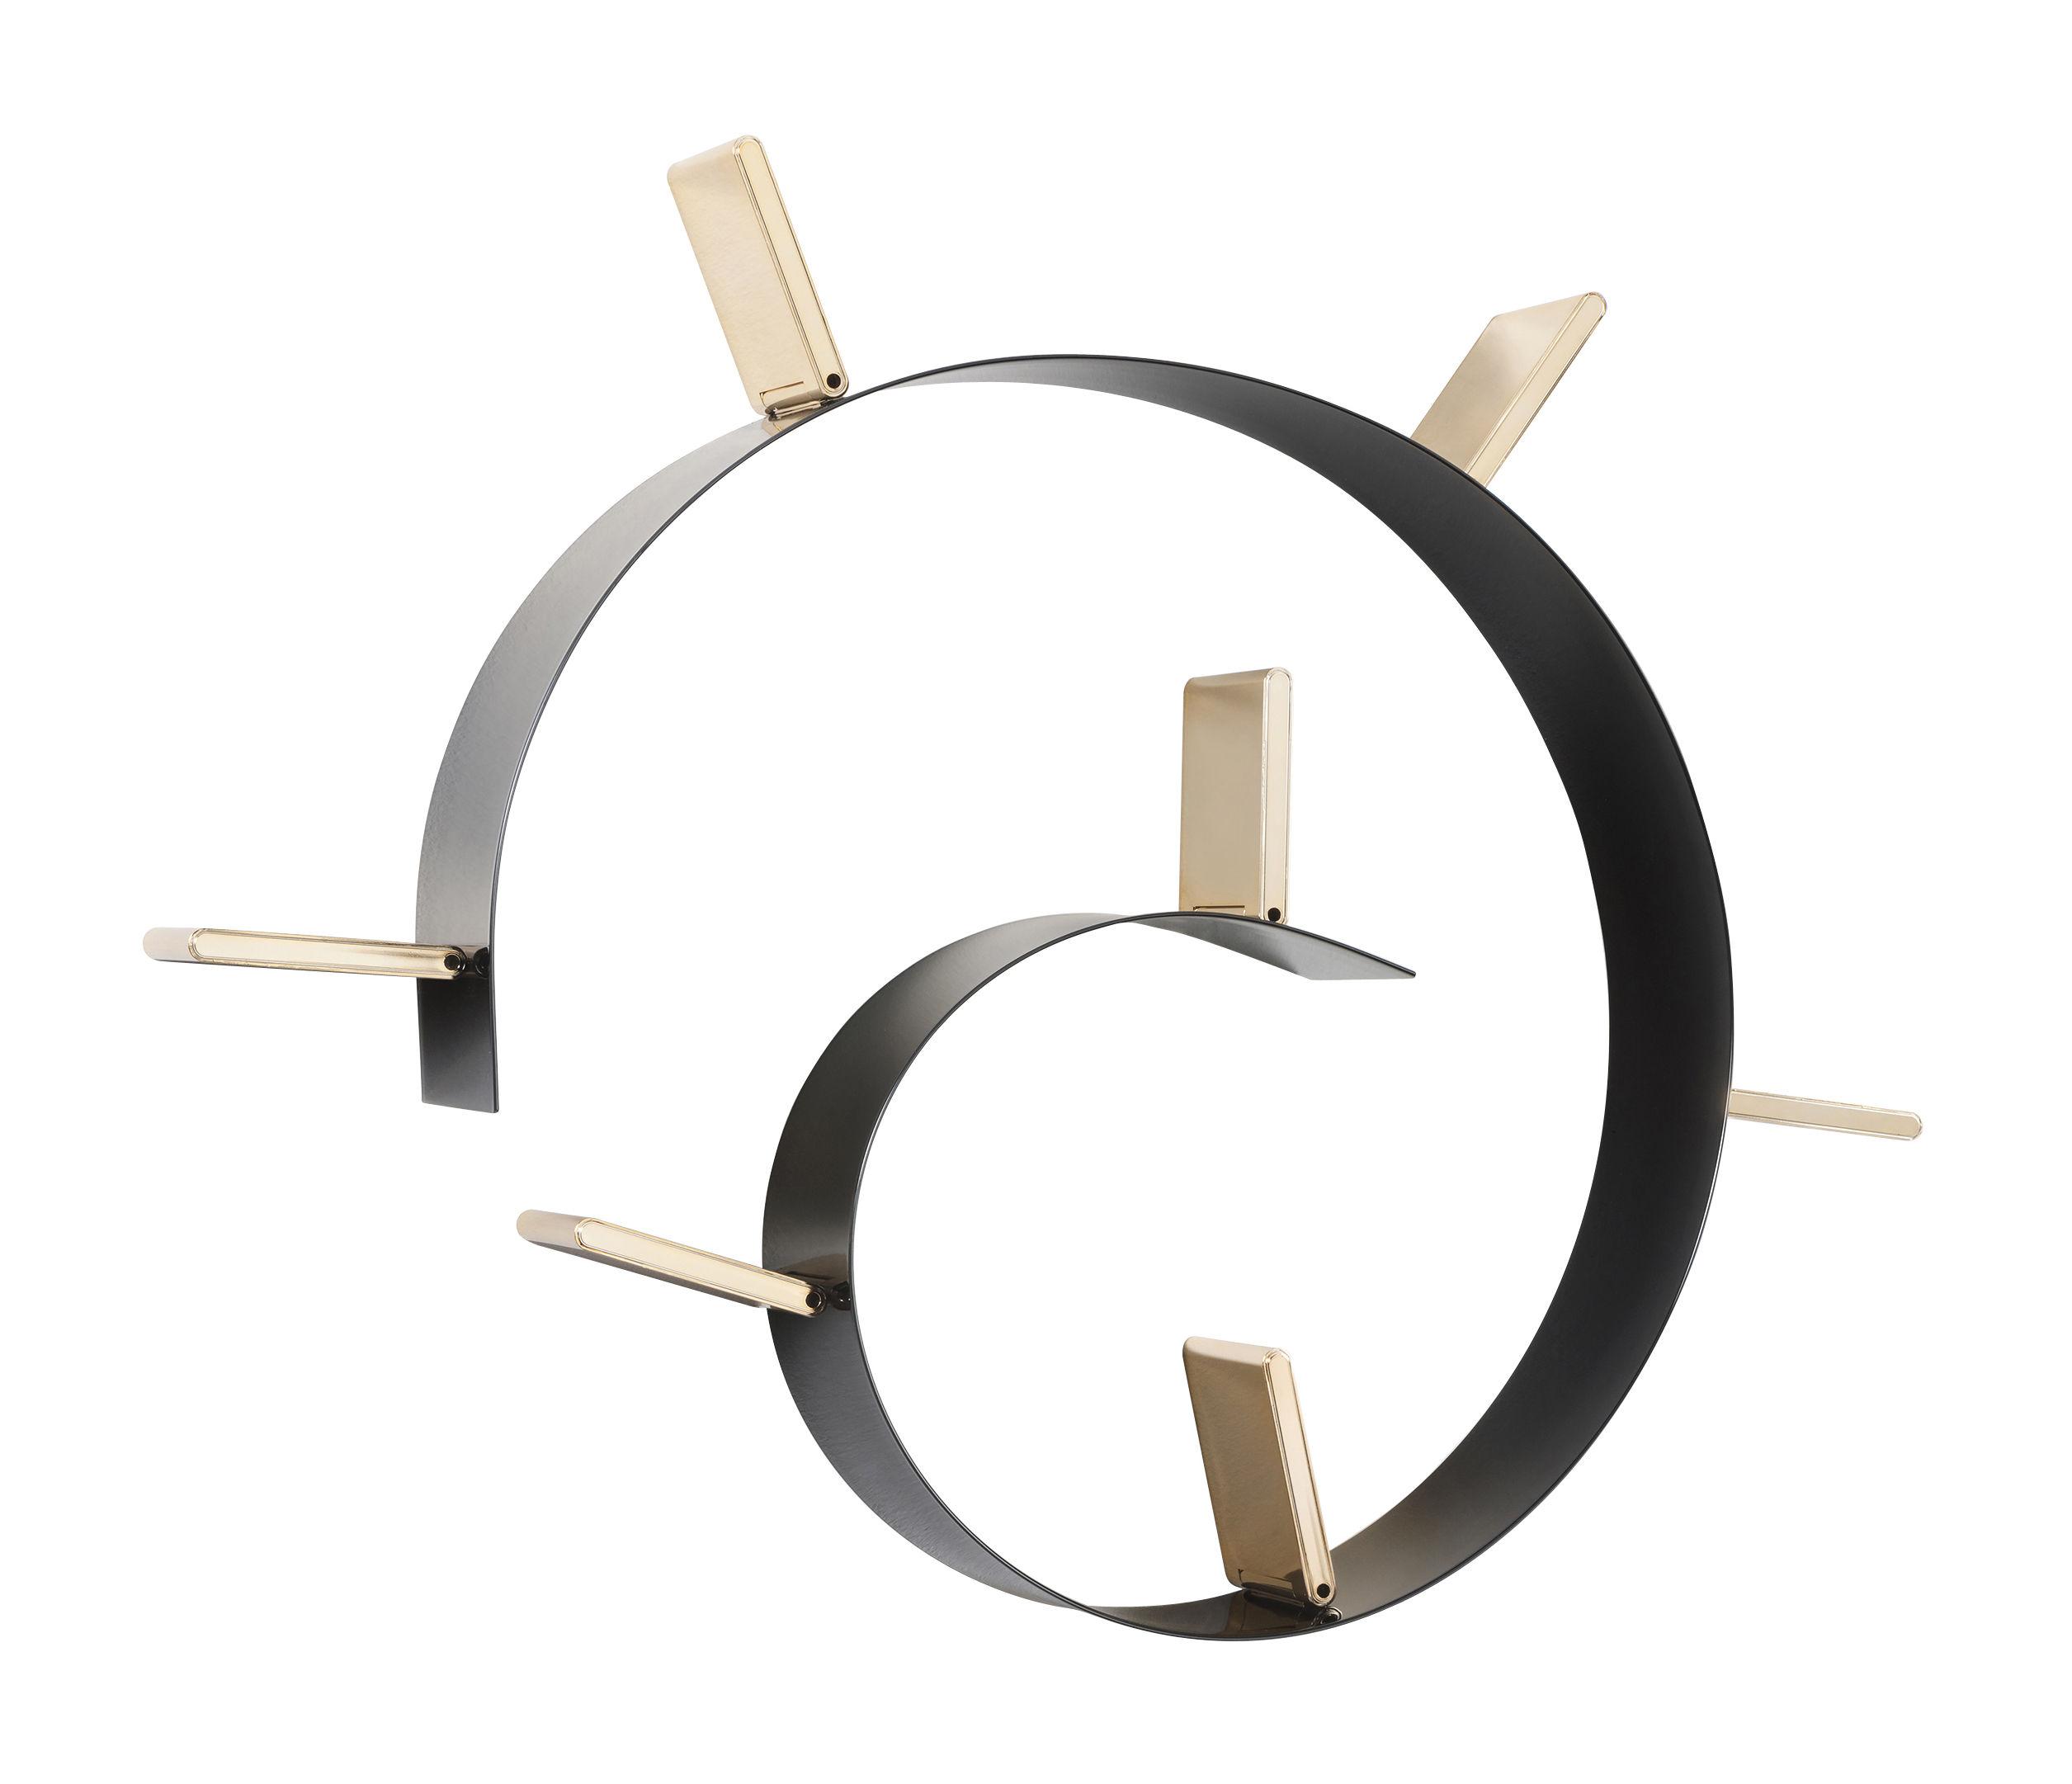 Arredamento - Scaffali e librerie - Scaffale Popworm - / L 320 cm di Kartell - Nero & oro - PVC colorato in massa e ignifugo